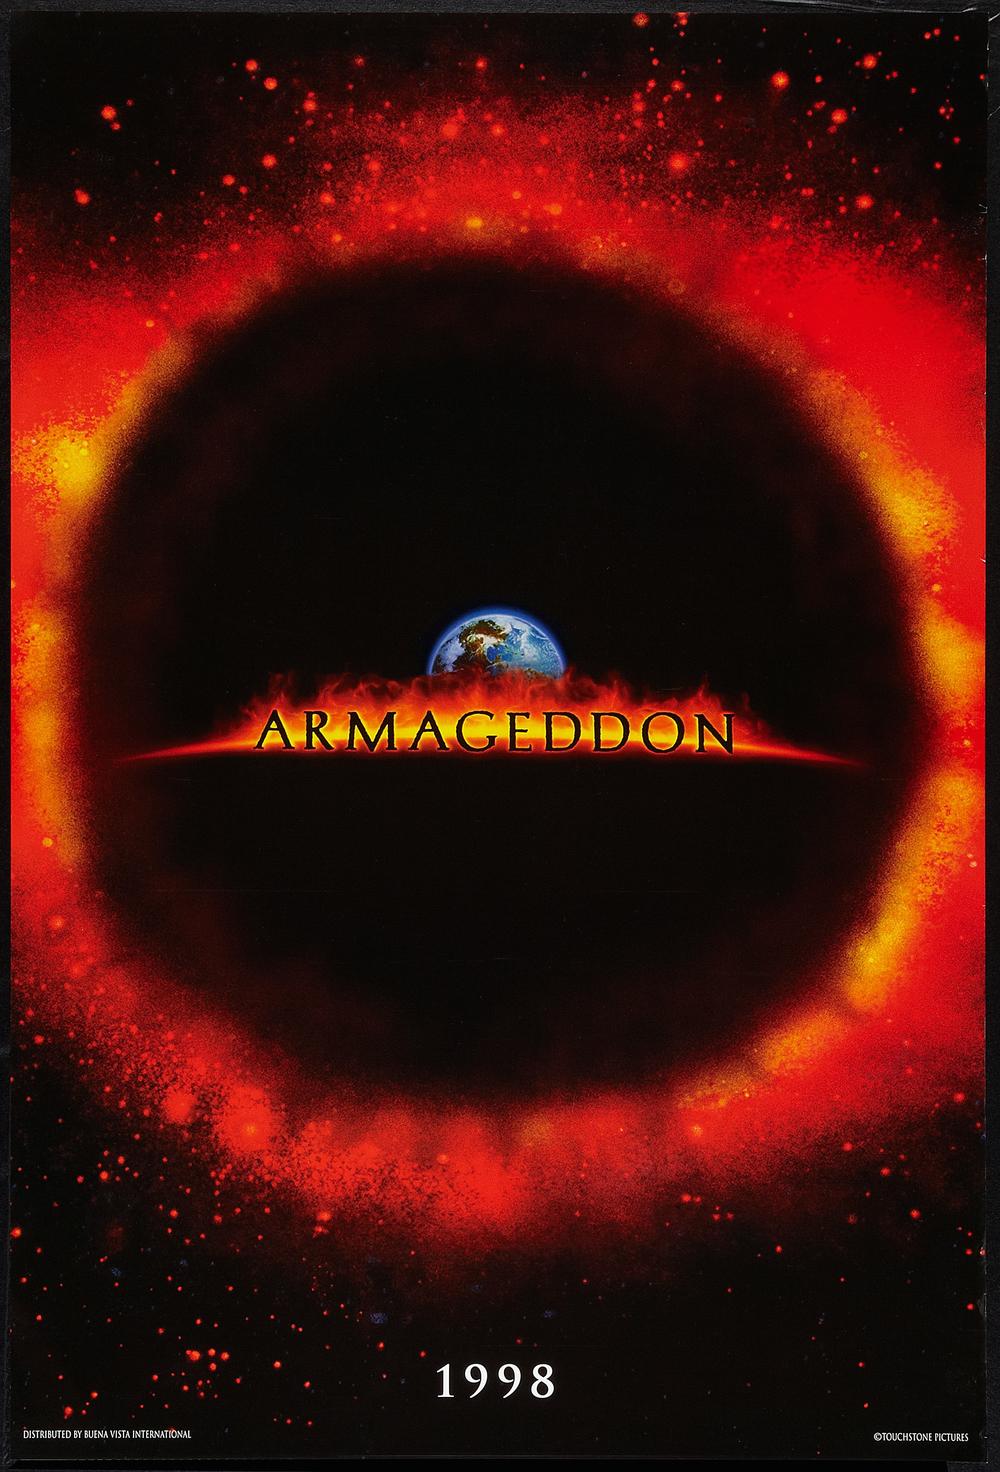 1998-Armageddon.jpg